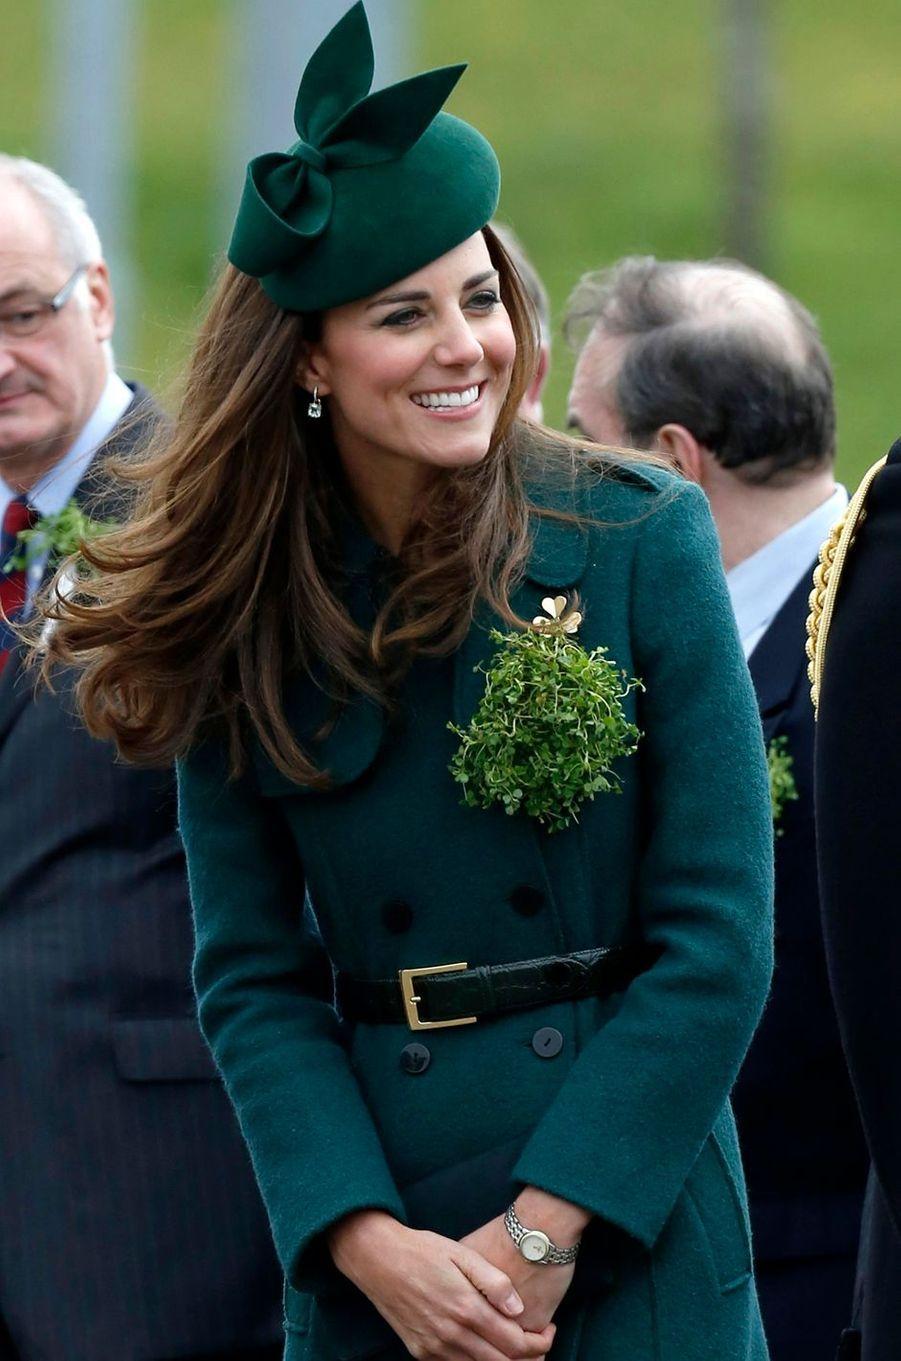 La duchesse Catherine de Cambridge porte une montre Tissot, le 17 mars 2014